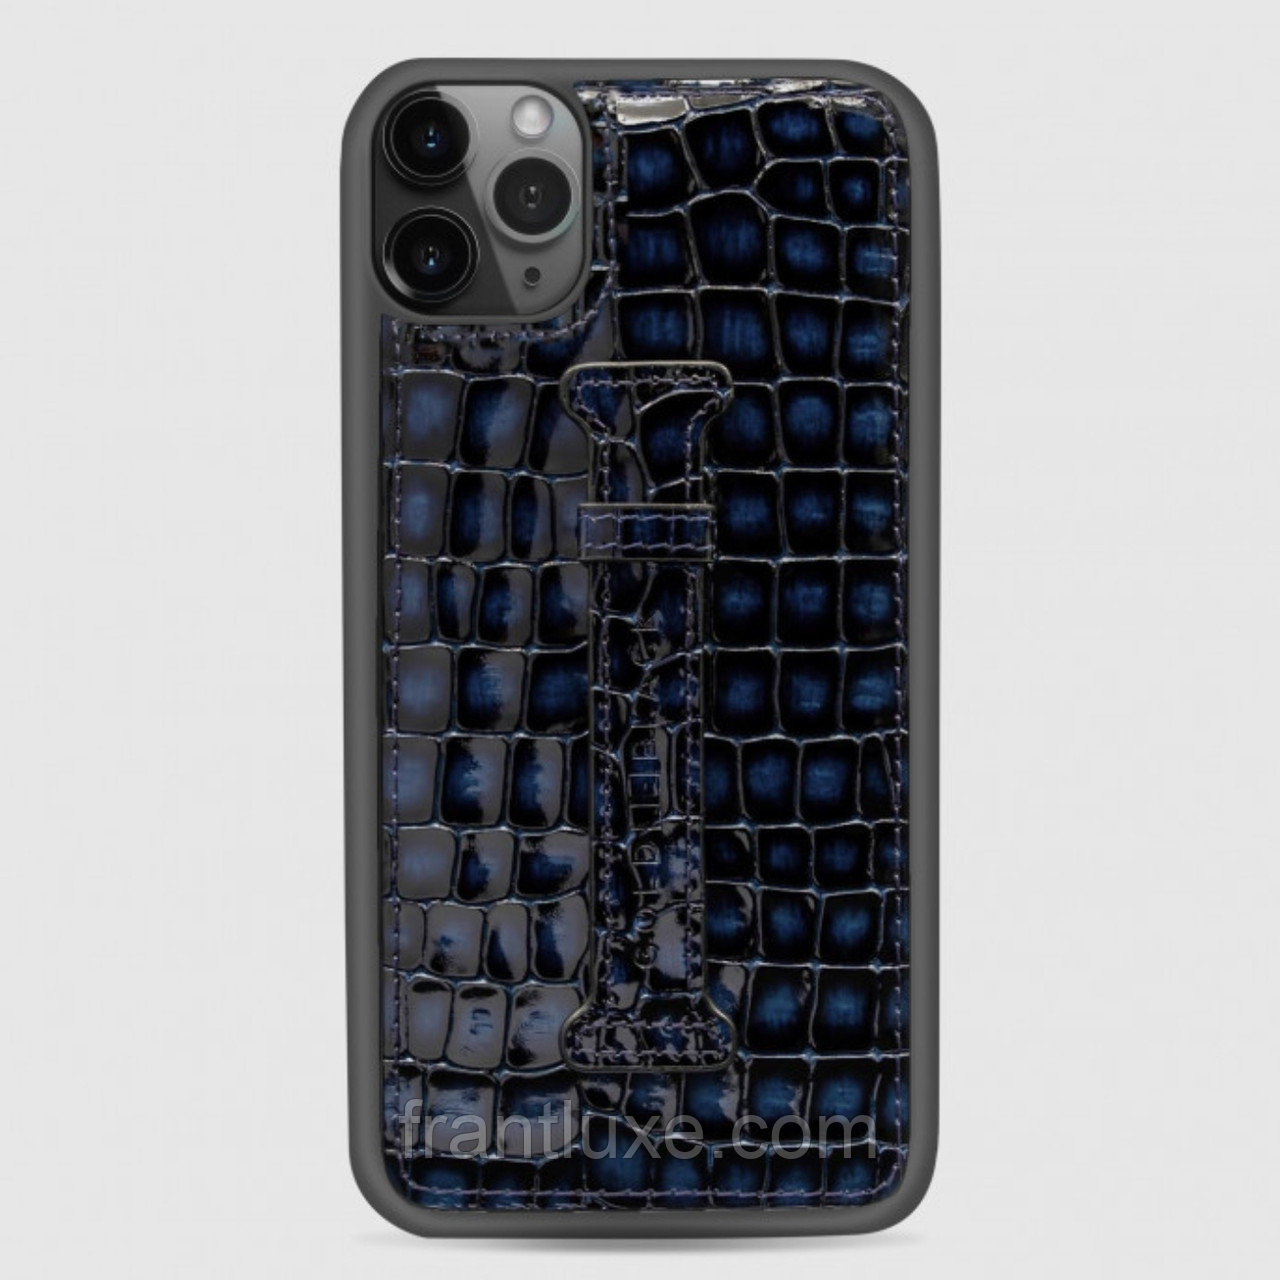 Чехол для телефона iPhone 12 Pro Max с ремешком-держателем синий - фото 2